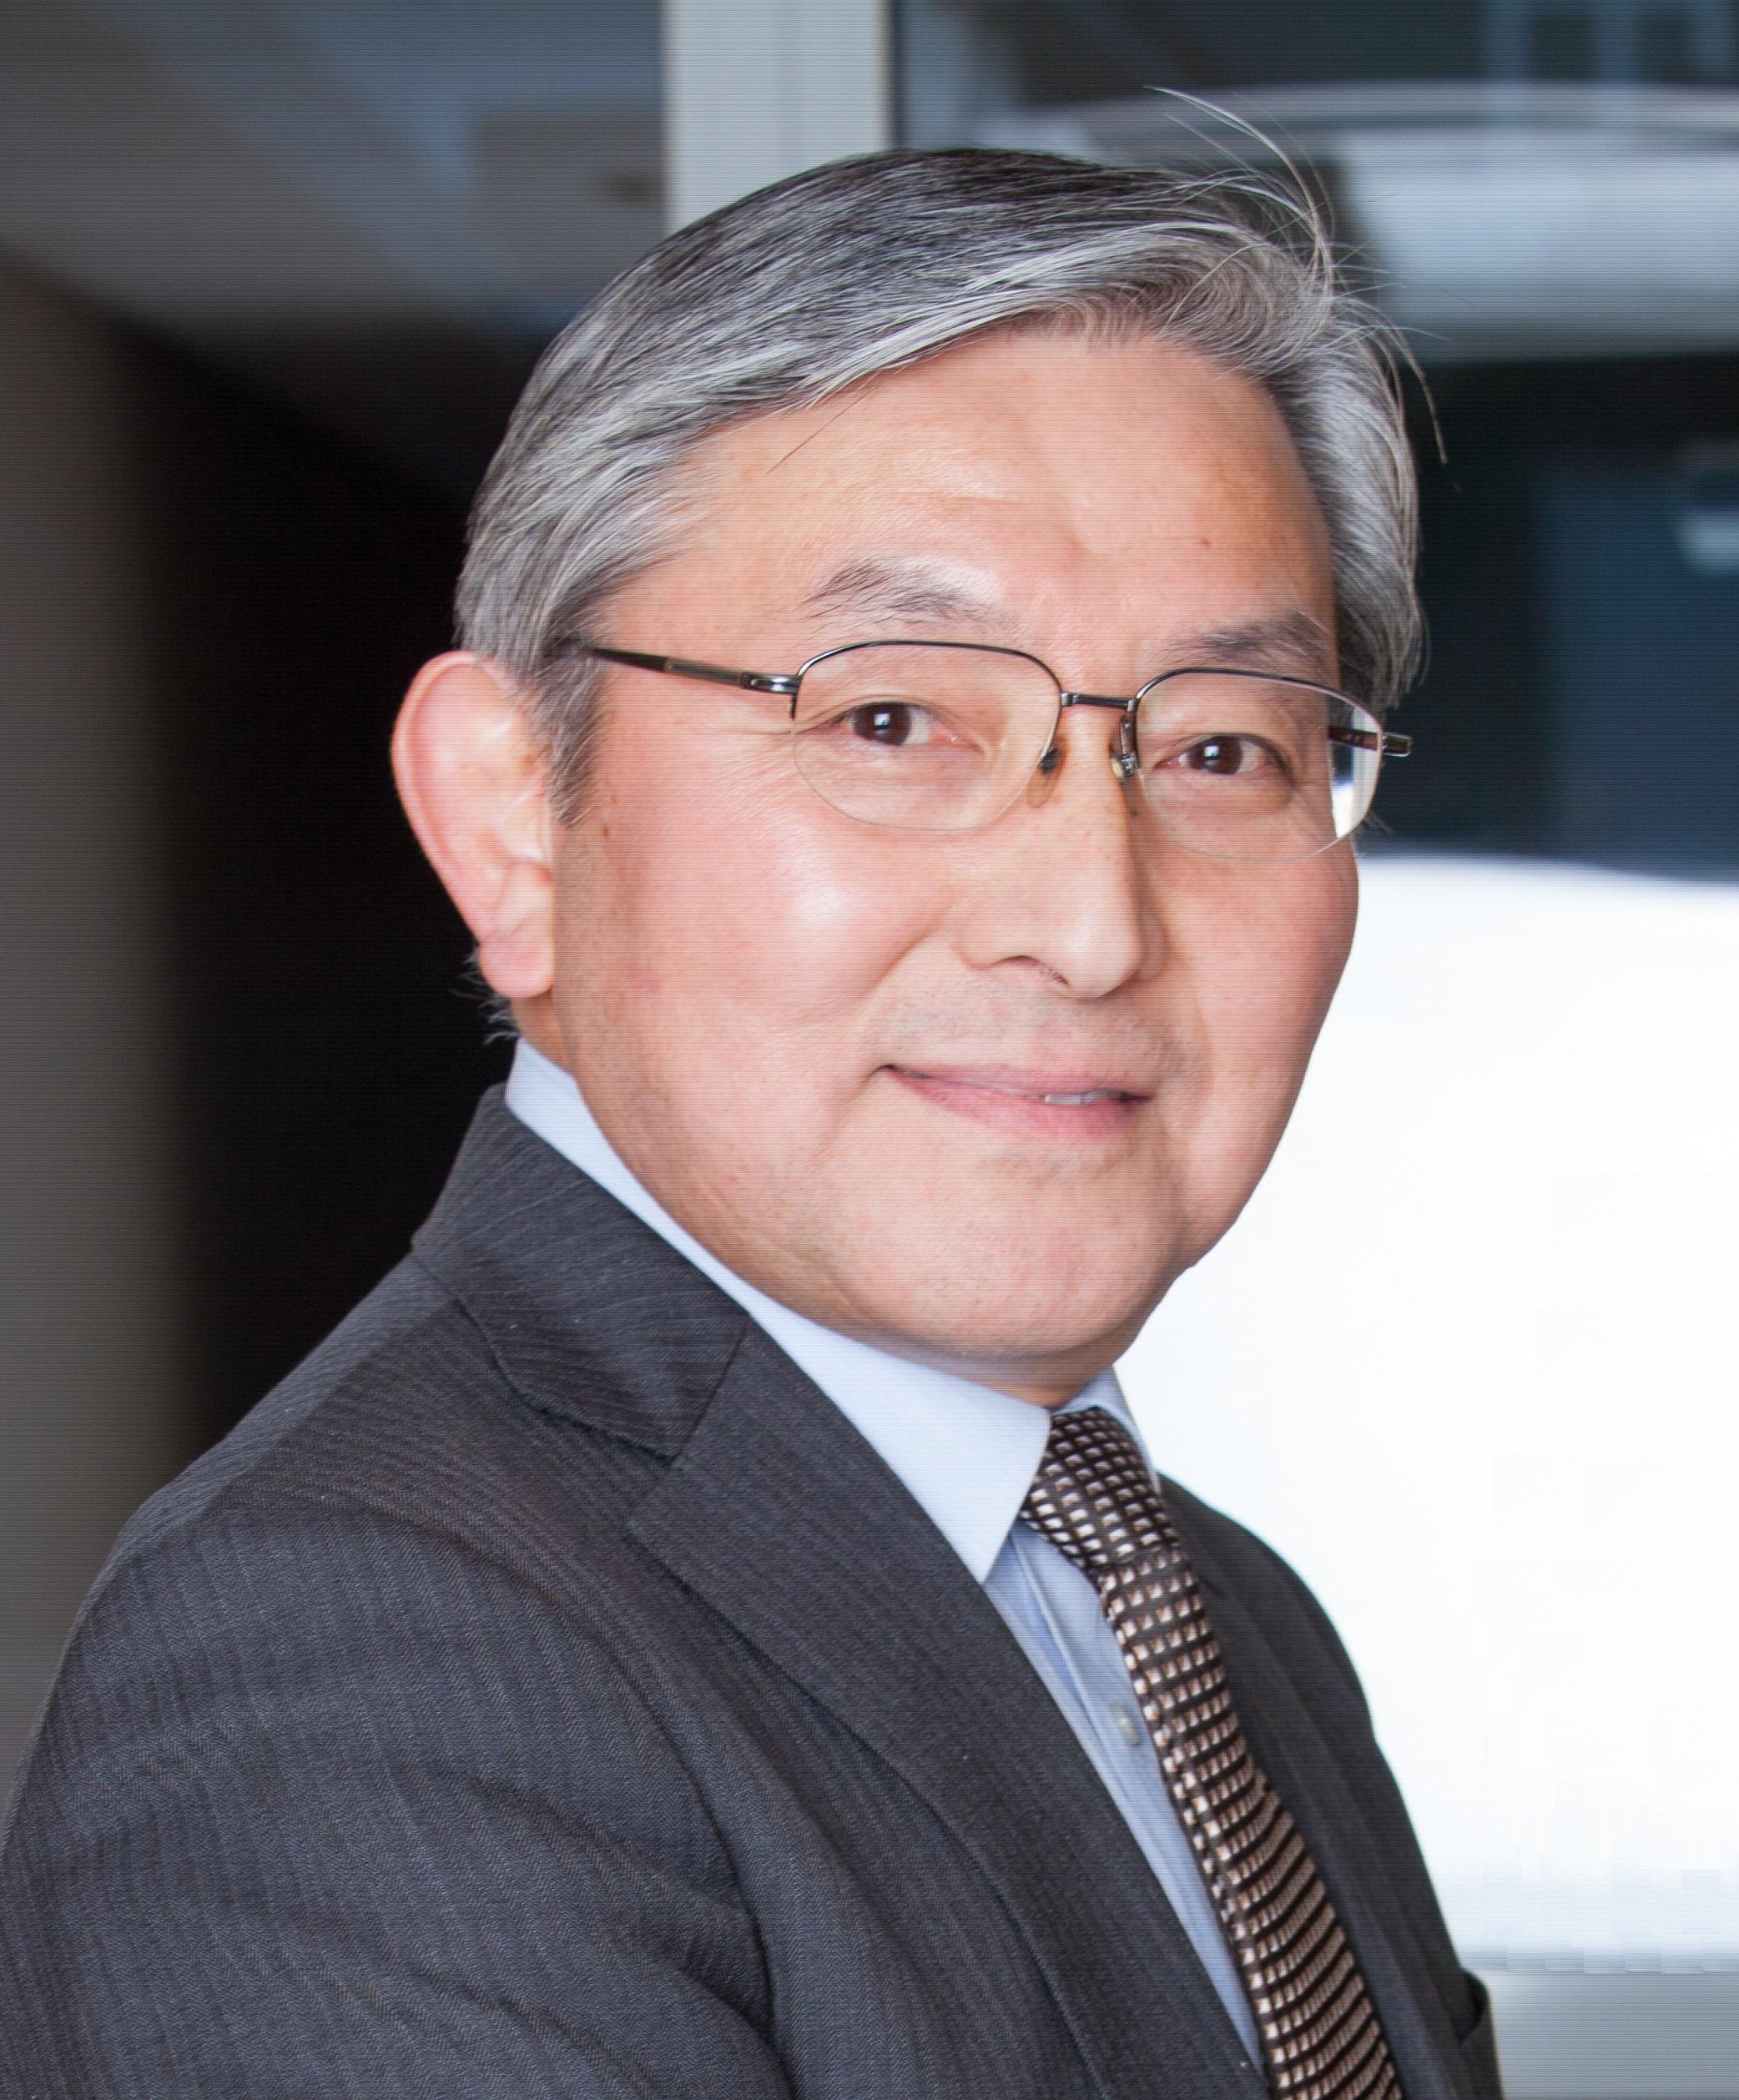 Hiroaki Furumai